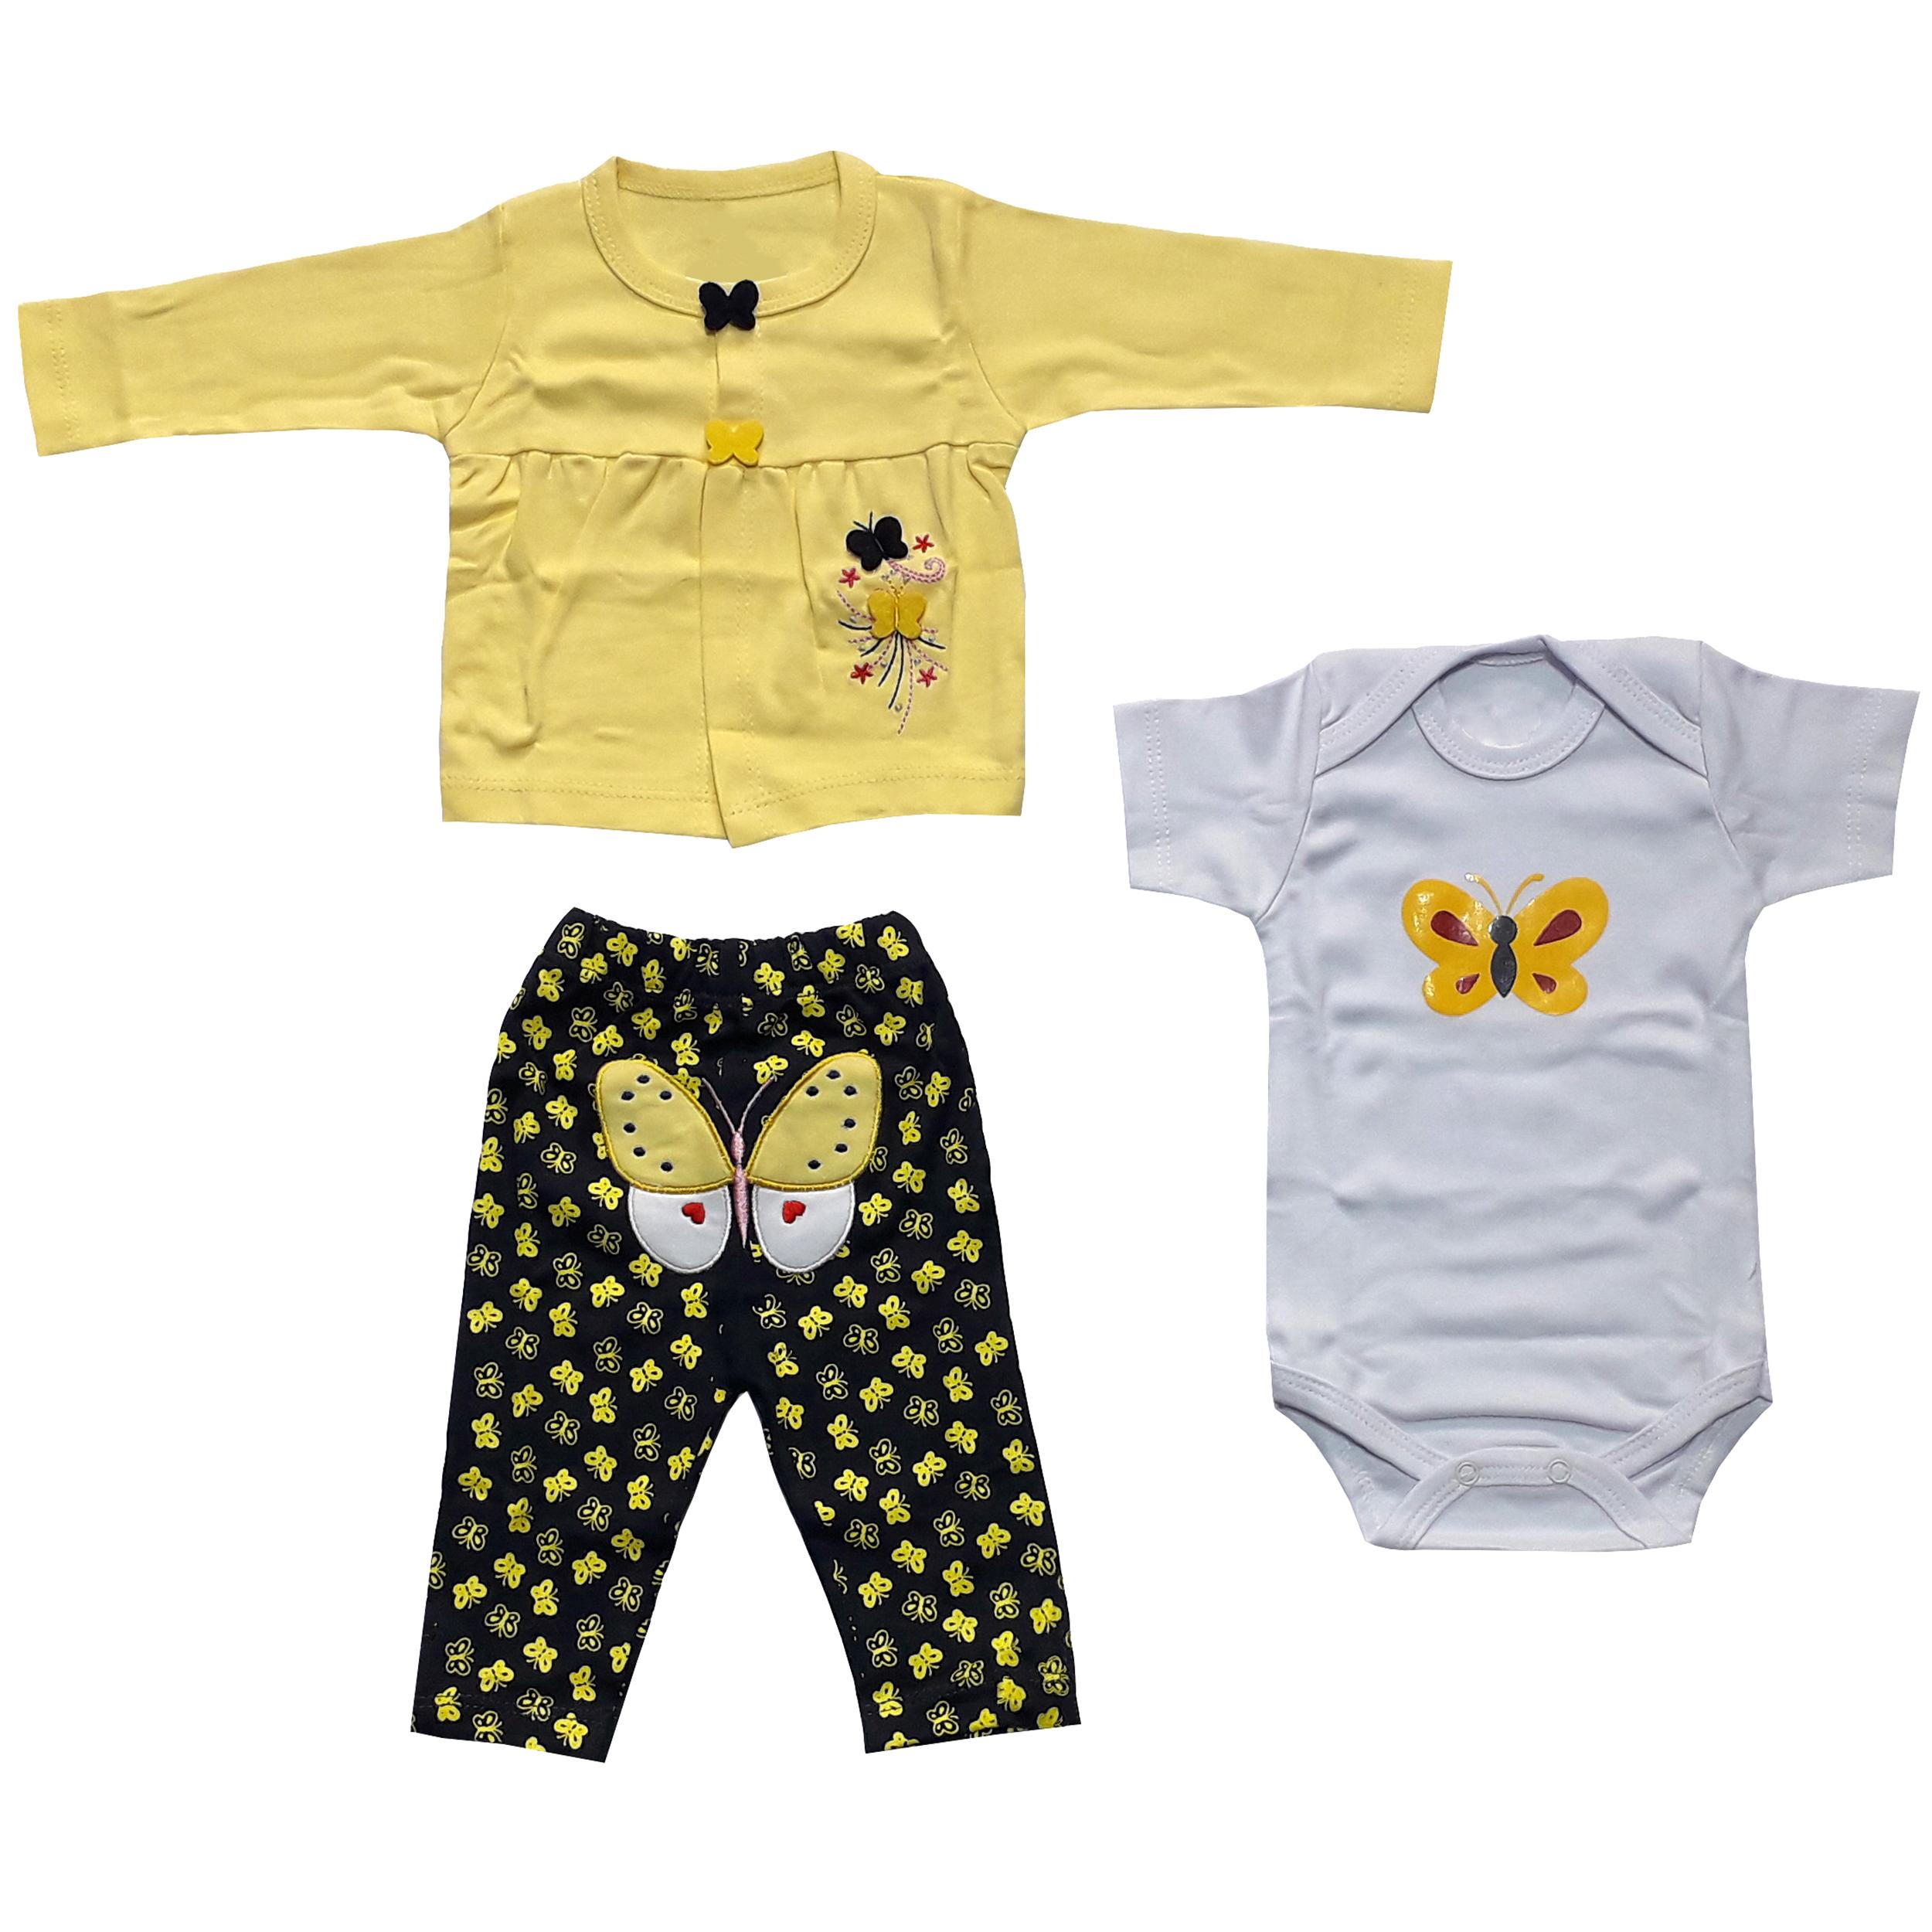 ست 3 تکه لباس نوزادی دخترانه طرح پروانه کد 3048